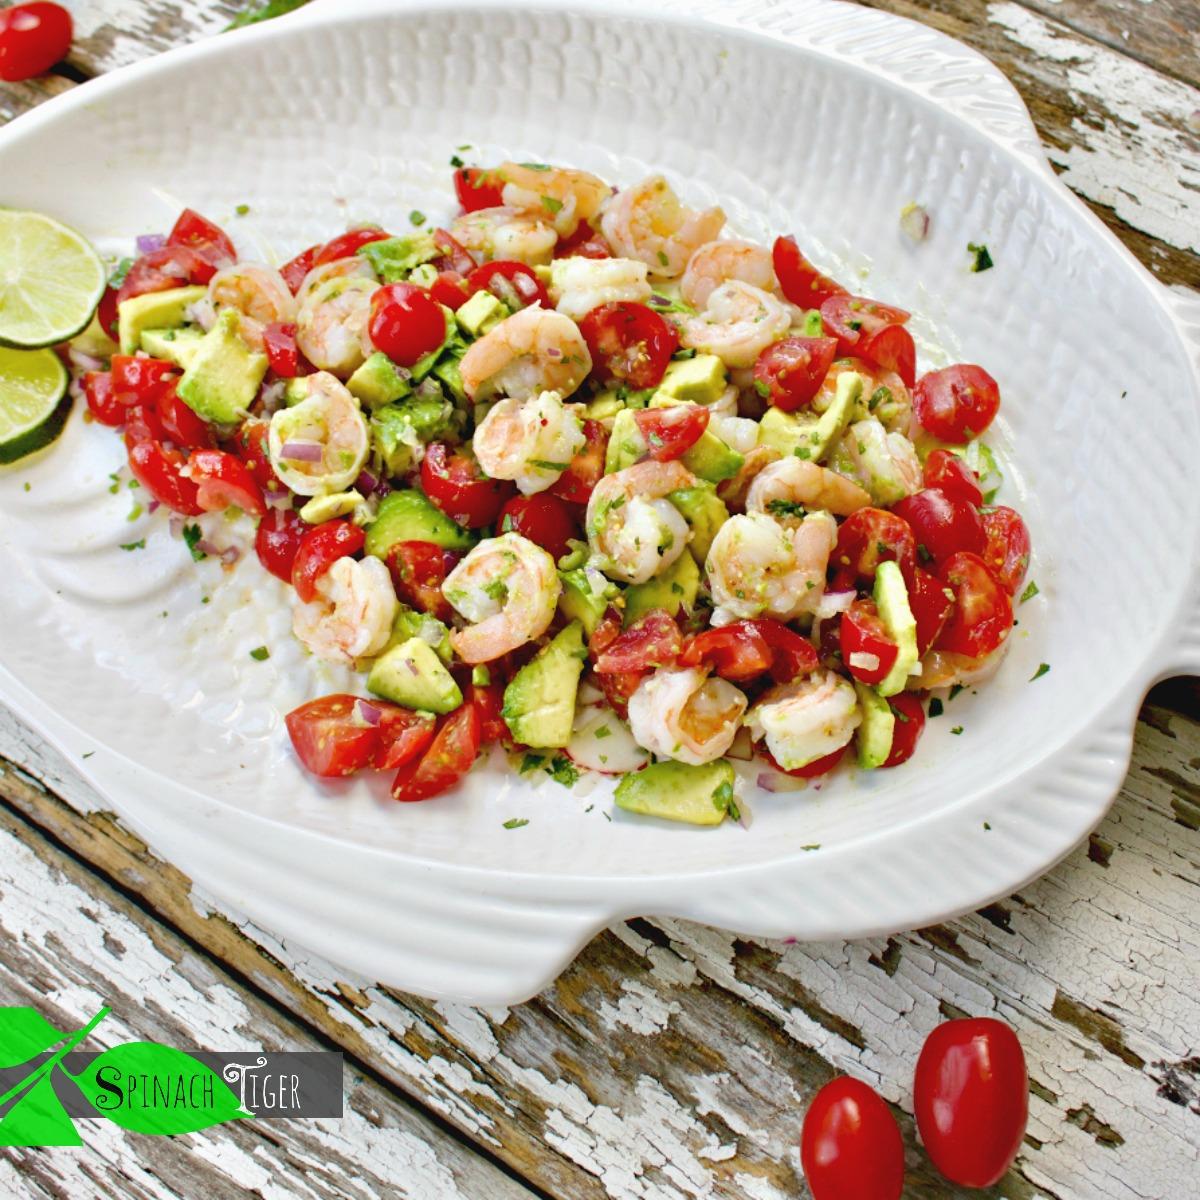 Shrimp Avocado Salad Recipe from Spinach Tiger